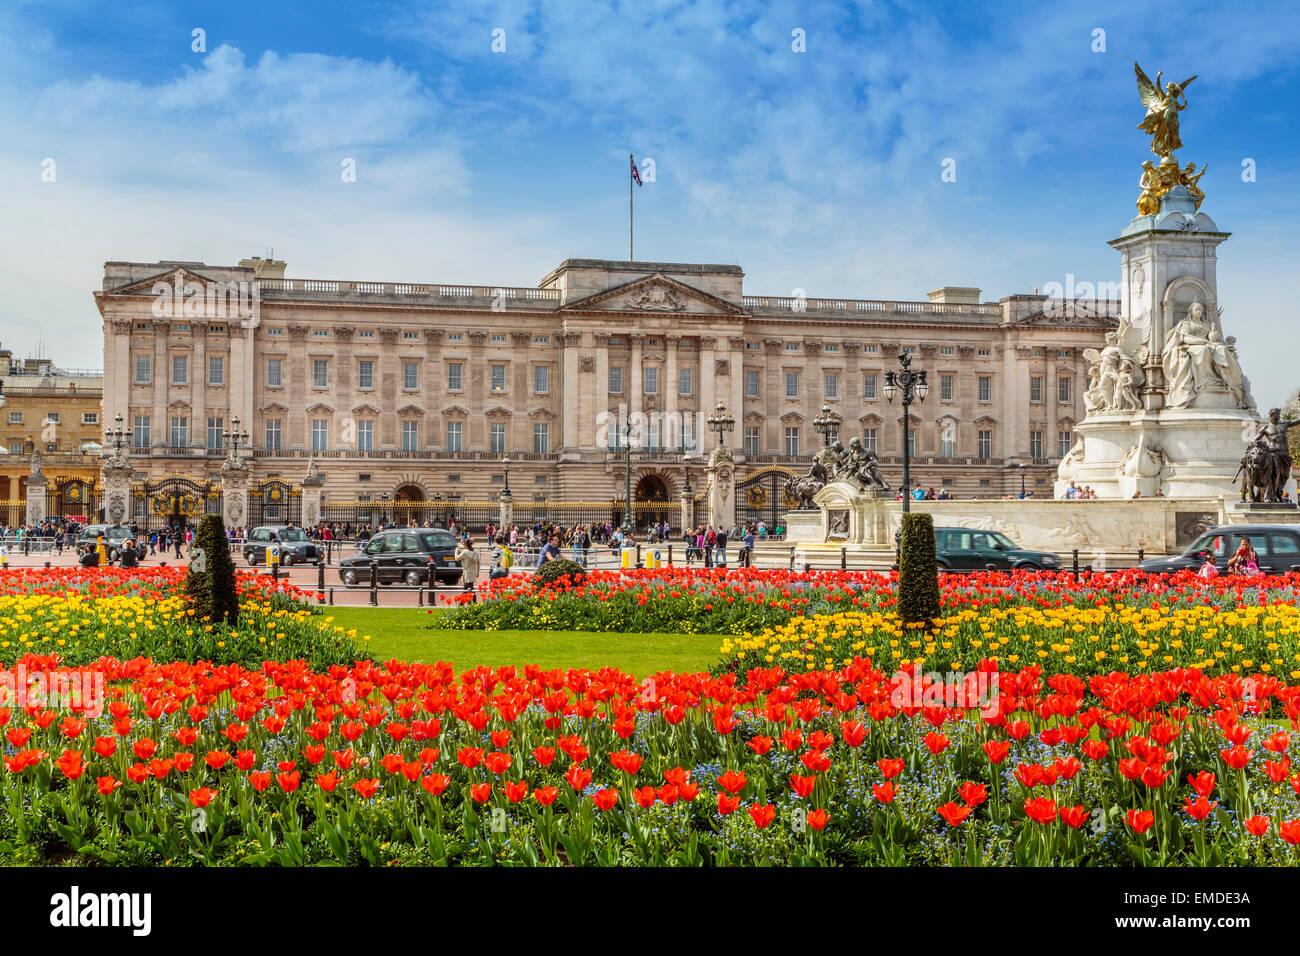 Una vista horizontal del Palacio de Buckingham, en el tiempo de primavera, la ciudad de Westminster, Londres, Inglaterra Imagen De Stock